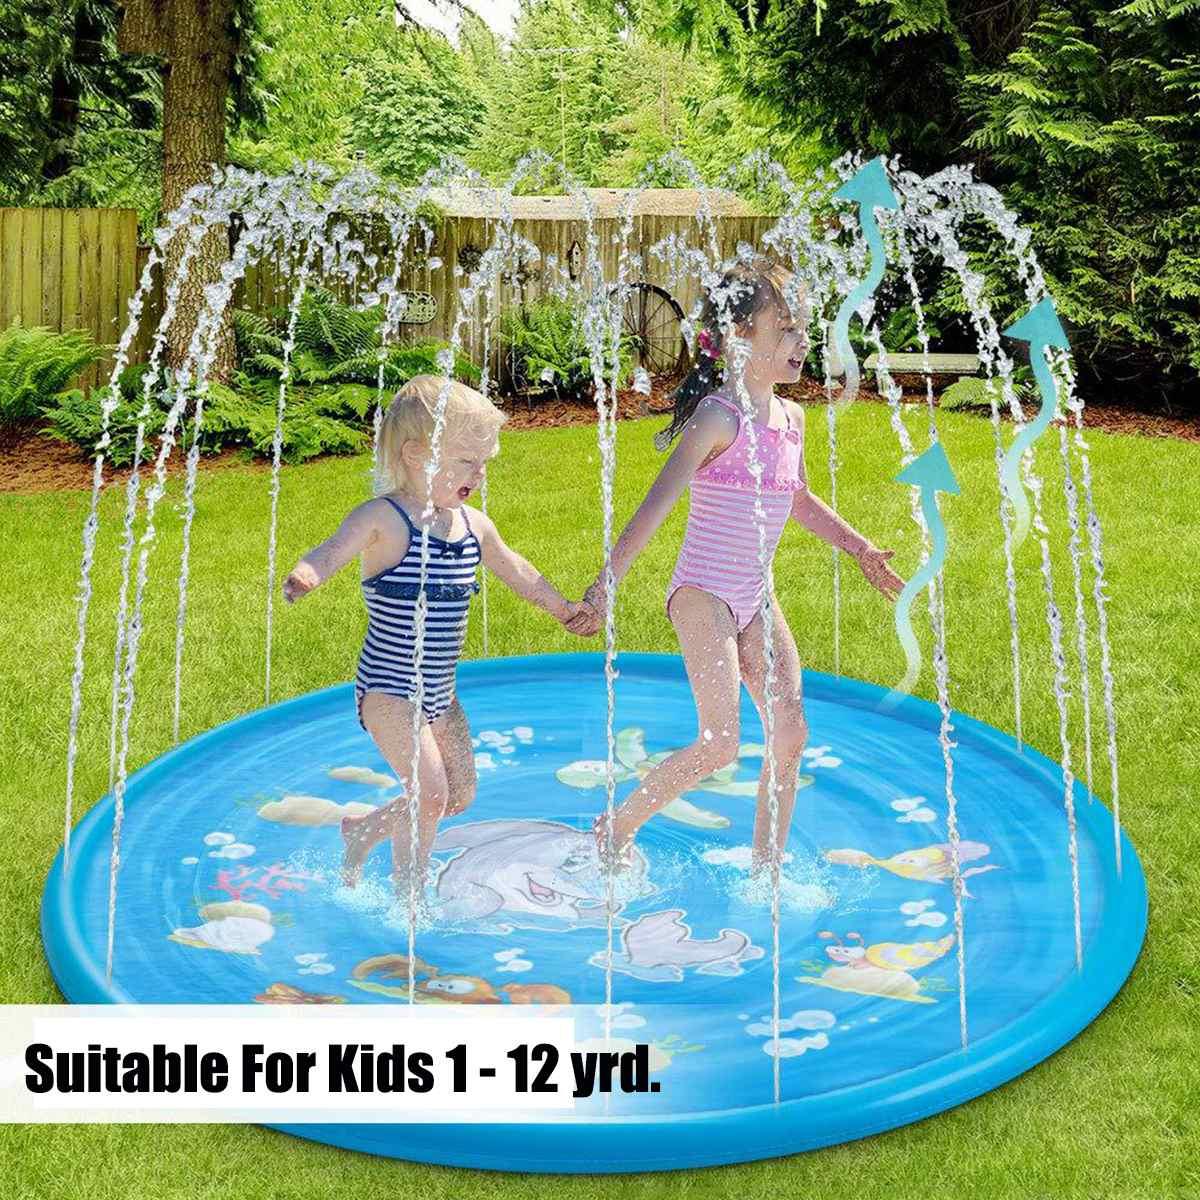 Summer Kids Inflatable Round Water Splash Play Pool Playing Sprinkler Mat Yard